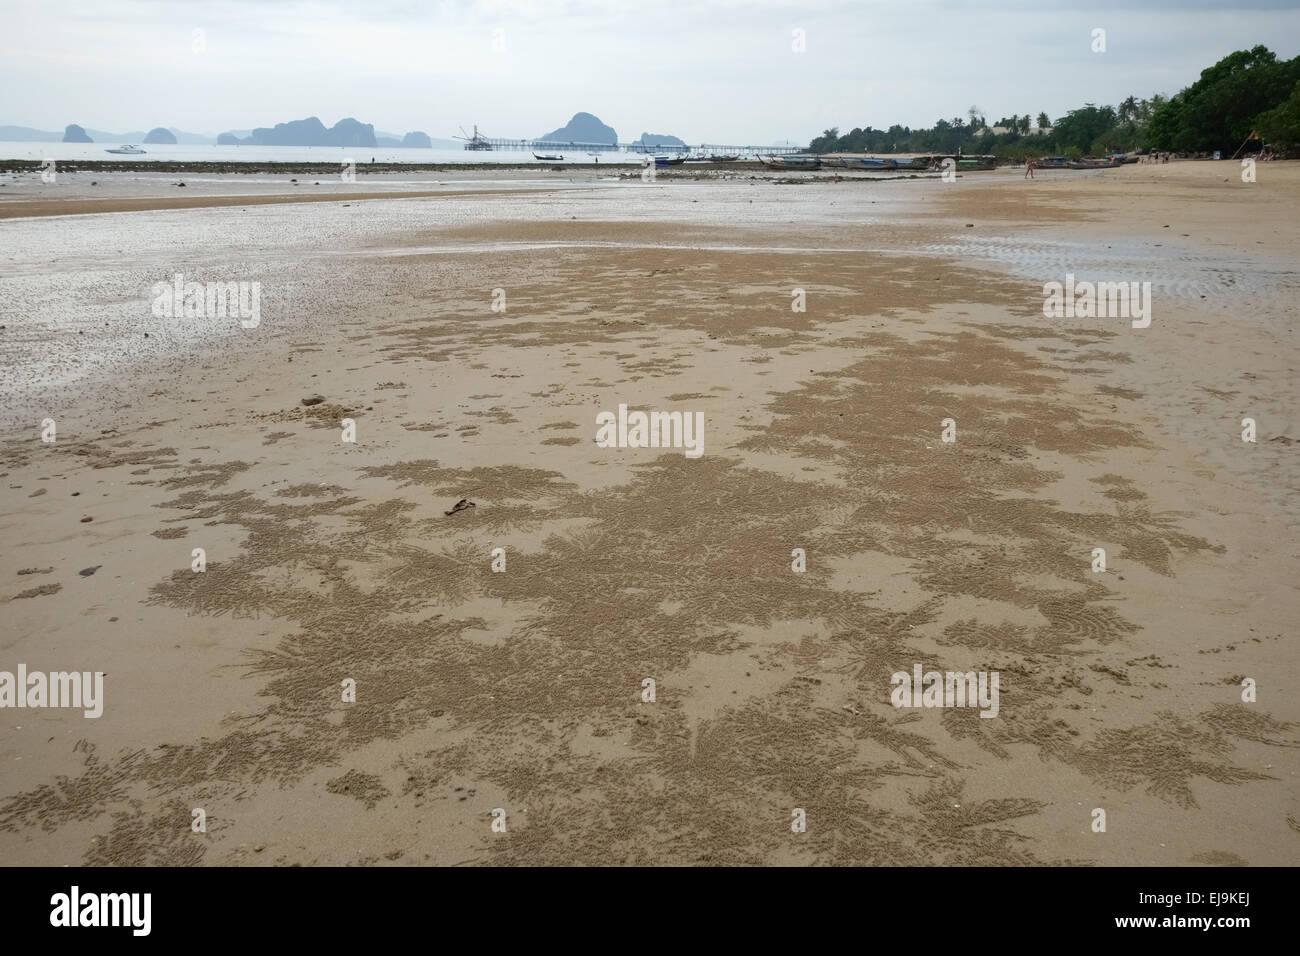 Formé par les modèles créés par les balles, les crabes de sable bubbler Scopimera spp., à Photo Stock